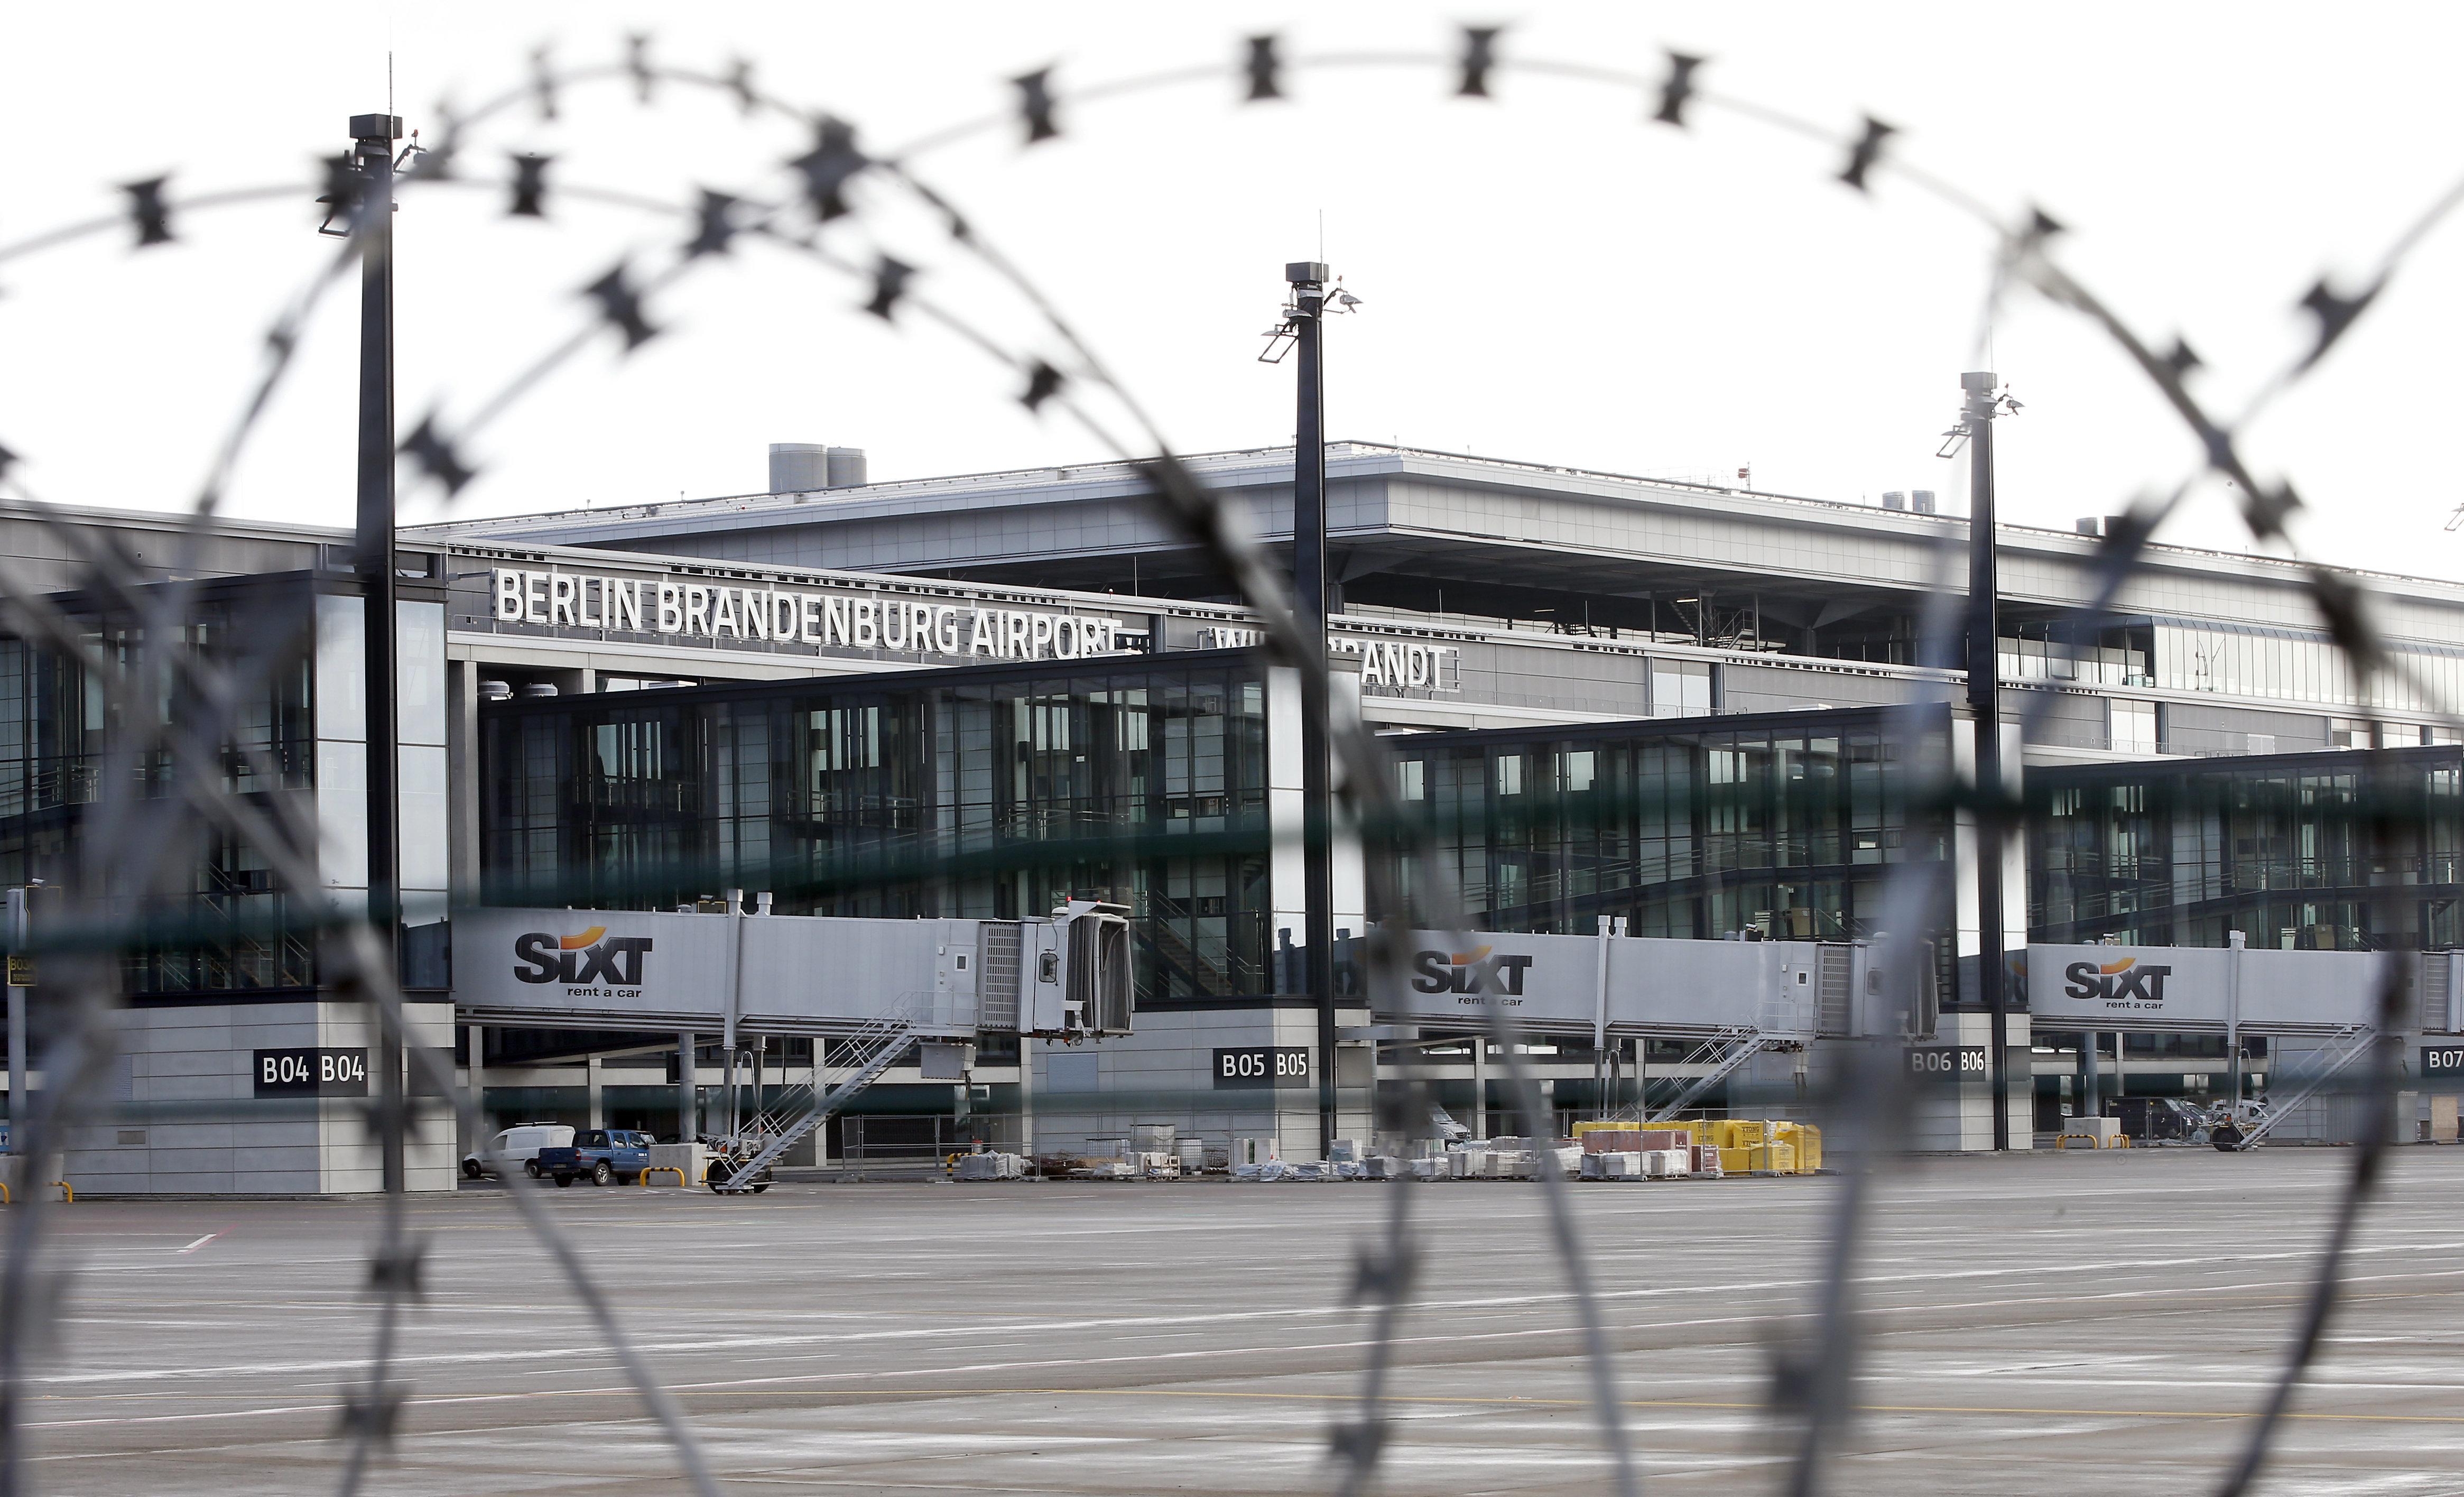 Το γερμανικό «γεφύρι της Αρτας»: Το μεγάλο φιάσκο με το νέο αεροδρόμιο του Βερολίνου